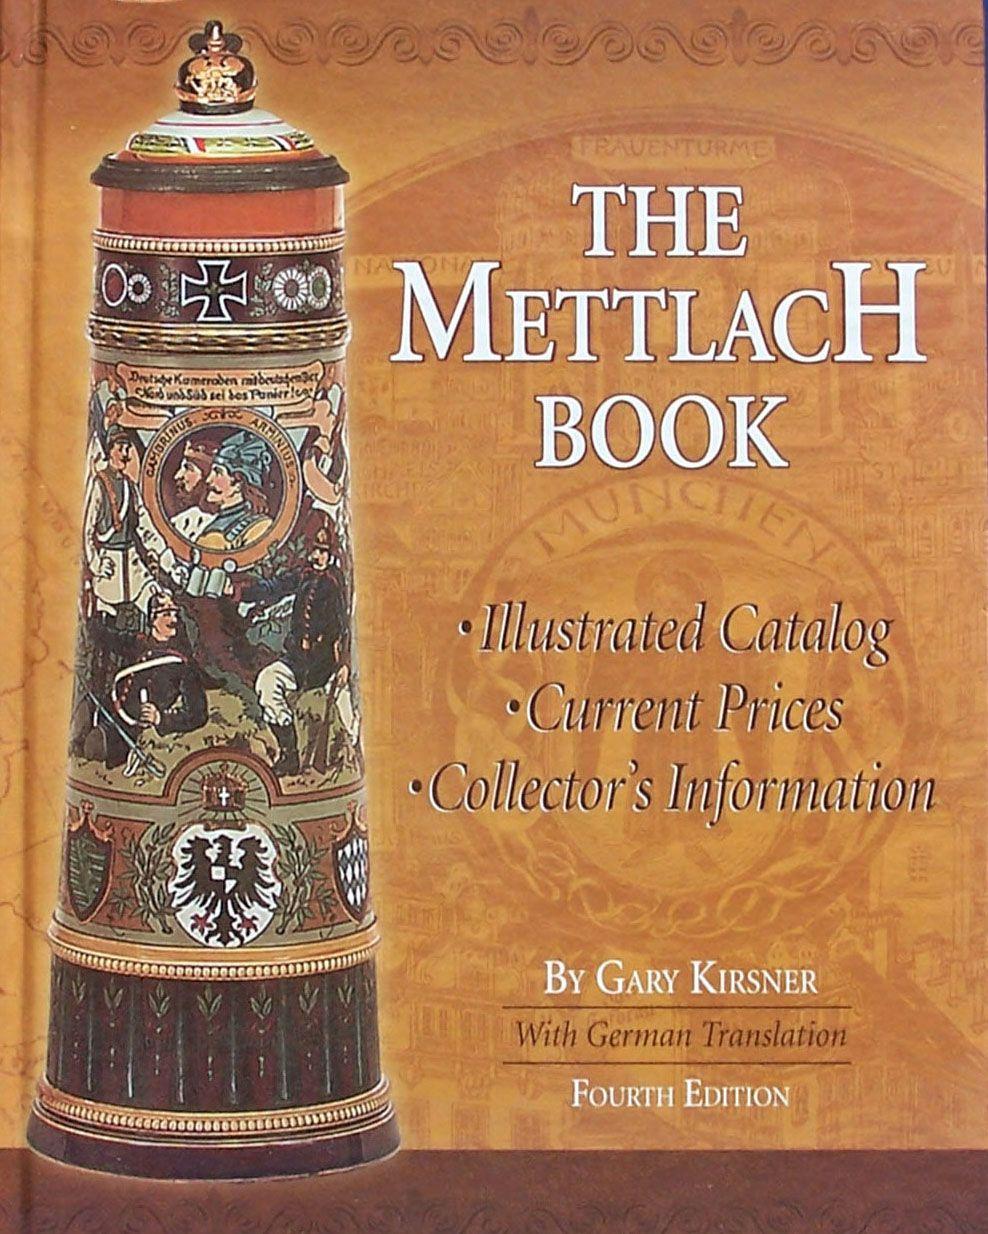 Image detail for -mettlach beer steins